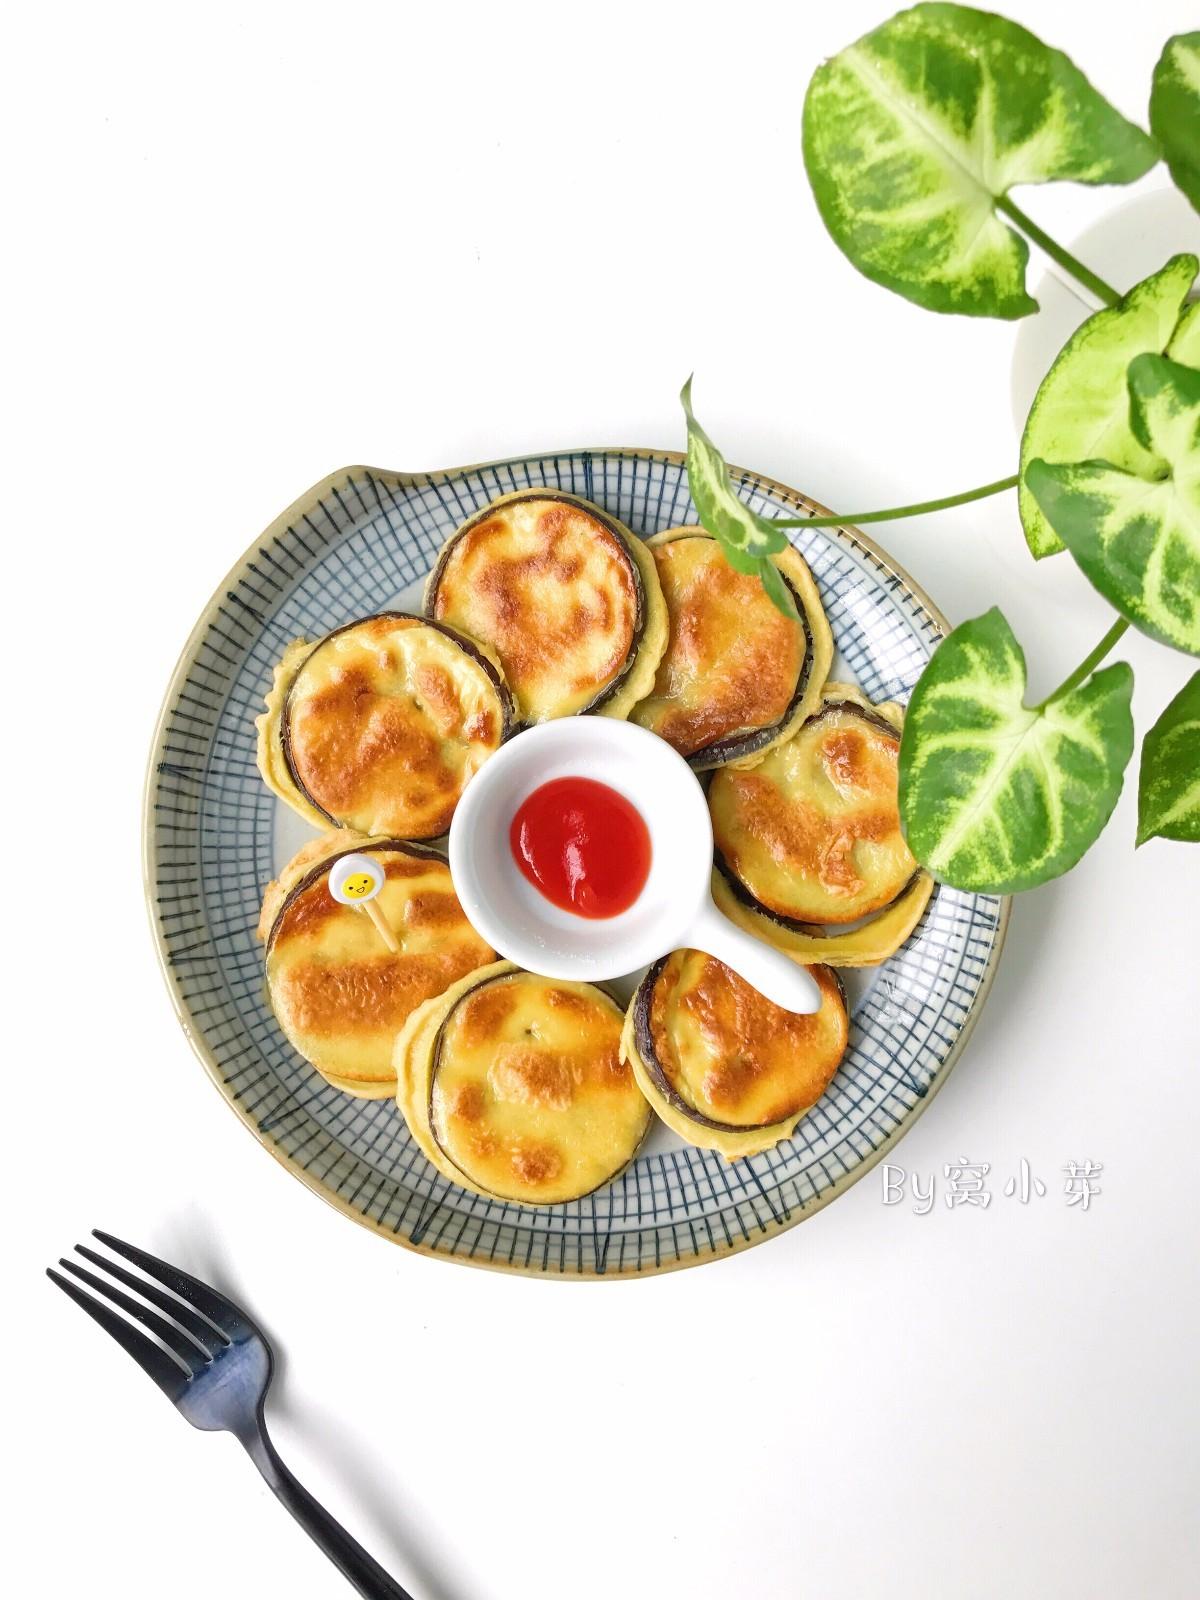 宝宝辅食:香香软嫩的茄子馍,快手美味,宝宝吃不够!12M+</p> <p>,因为只加了一点点盐,味道比较清淡的,可以搭配一点自制番茄酱。